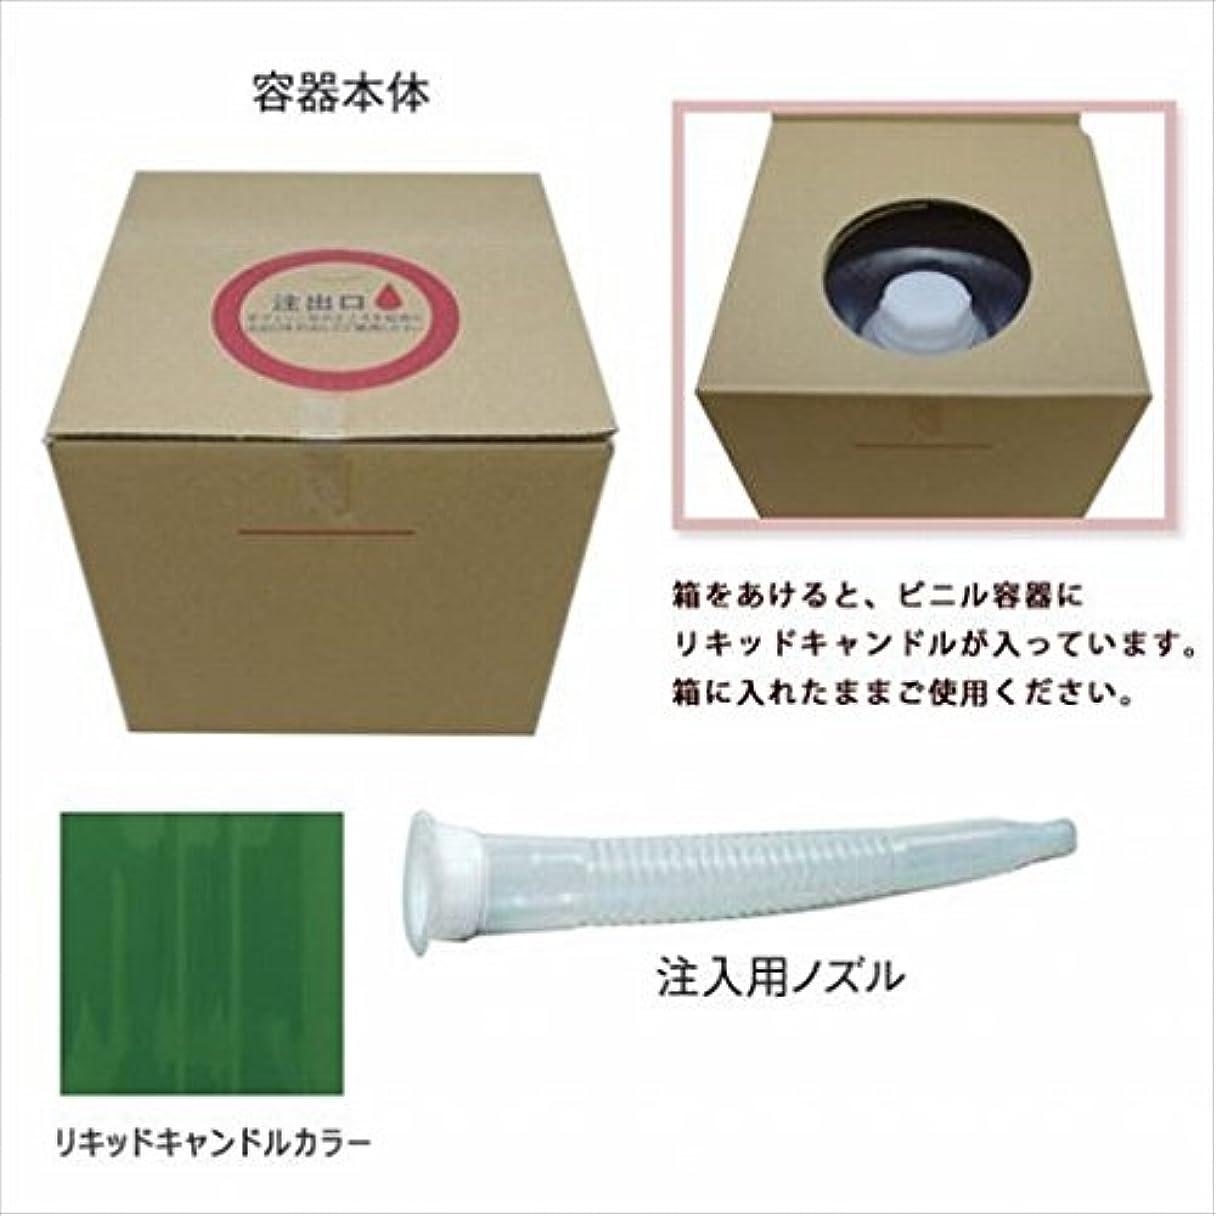 ポットメッセンジャー取得するカメヤマキャンドル(kameyama candle) リキッドキャンドル5リットル 「 グリーン 」